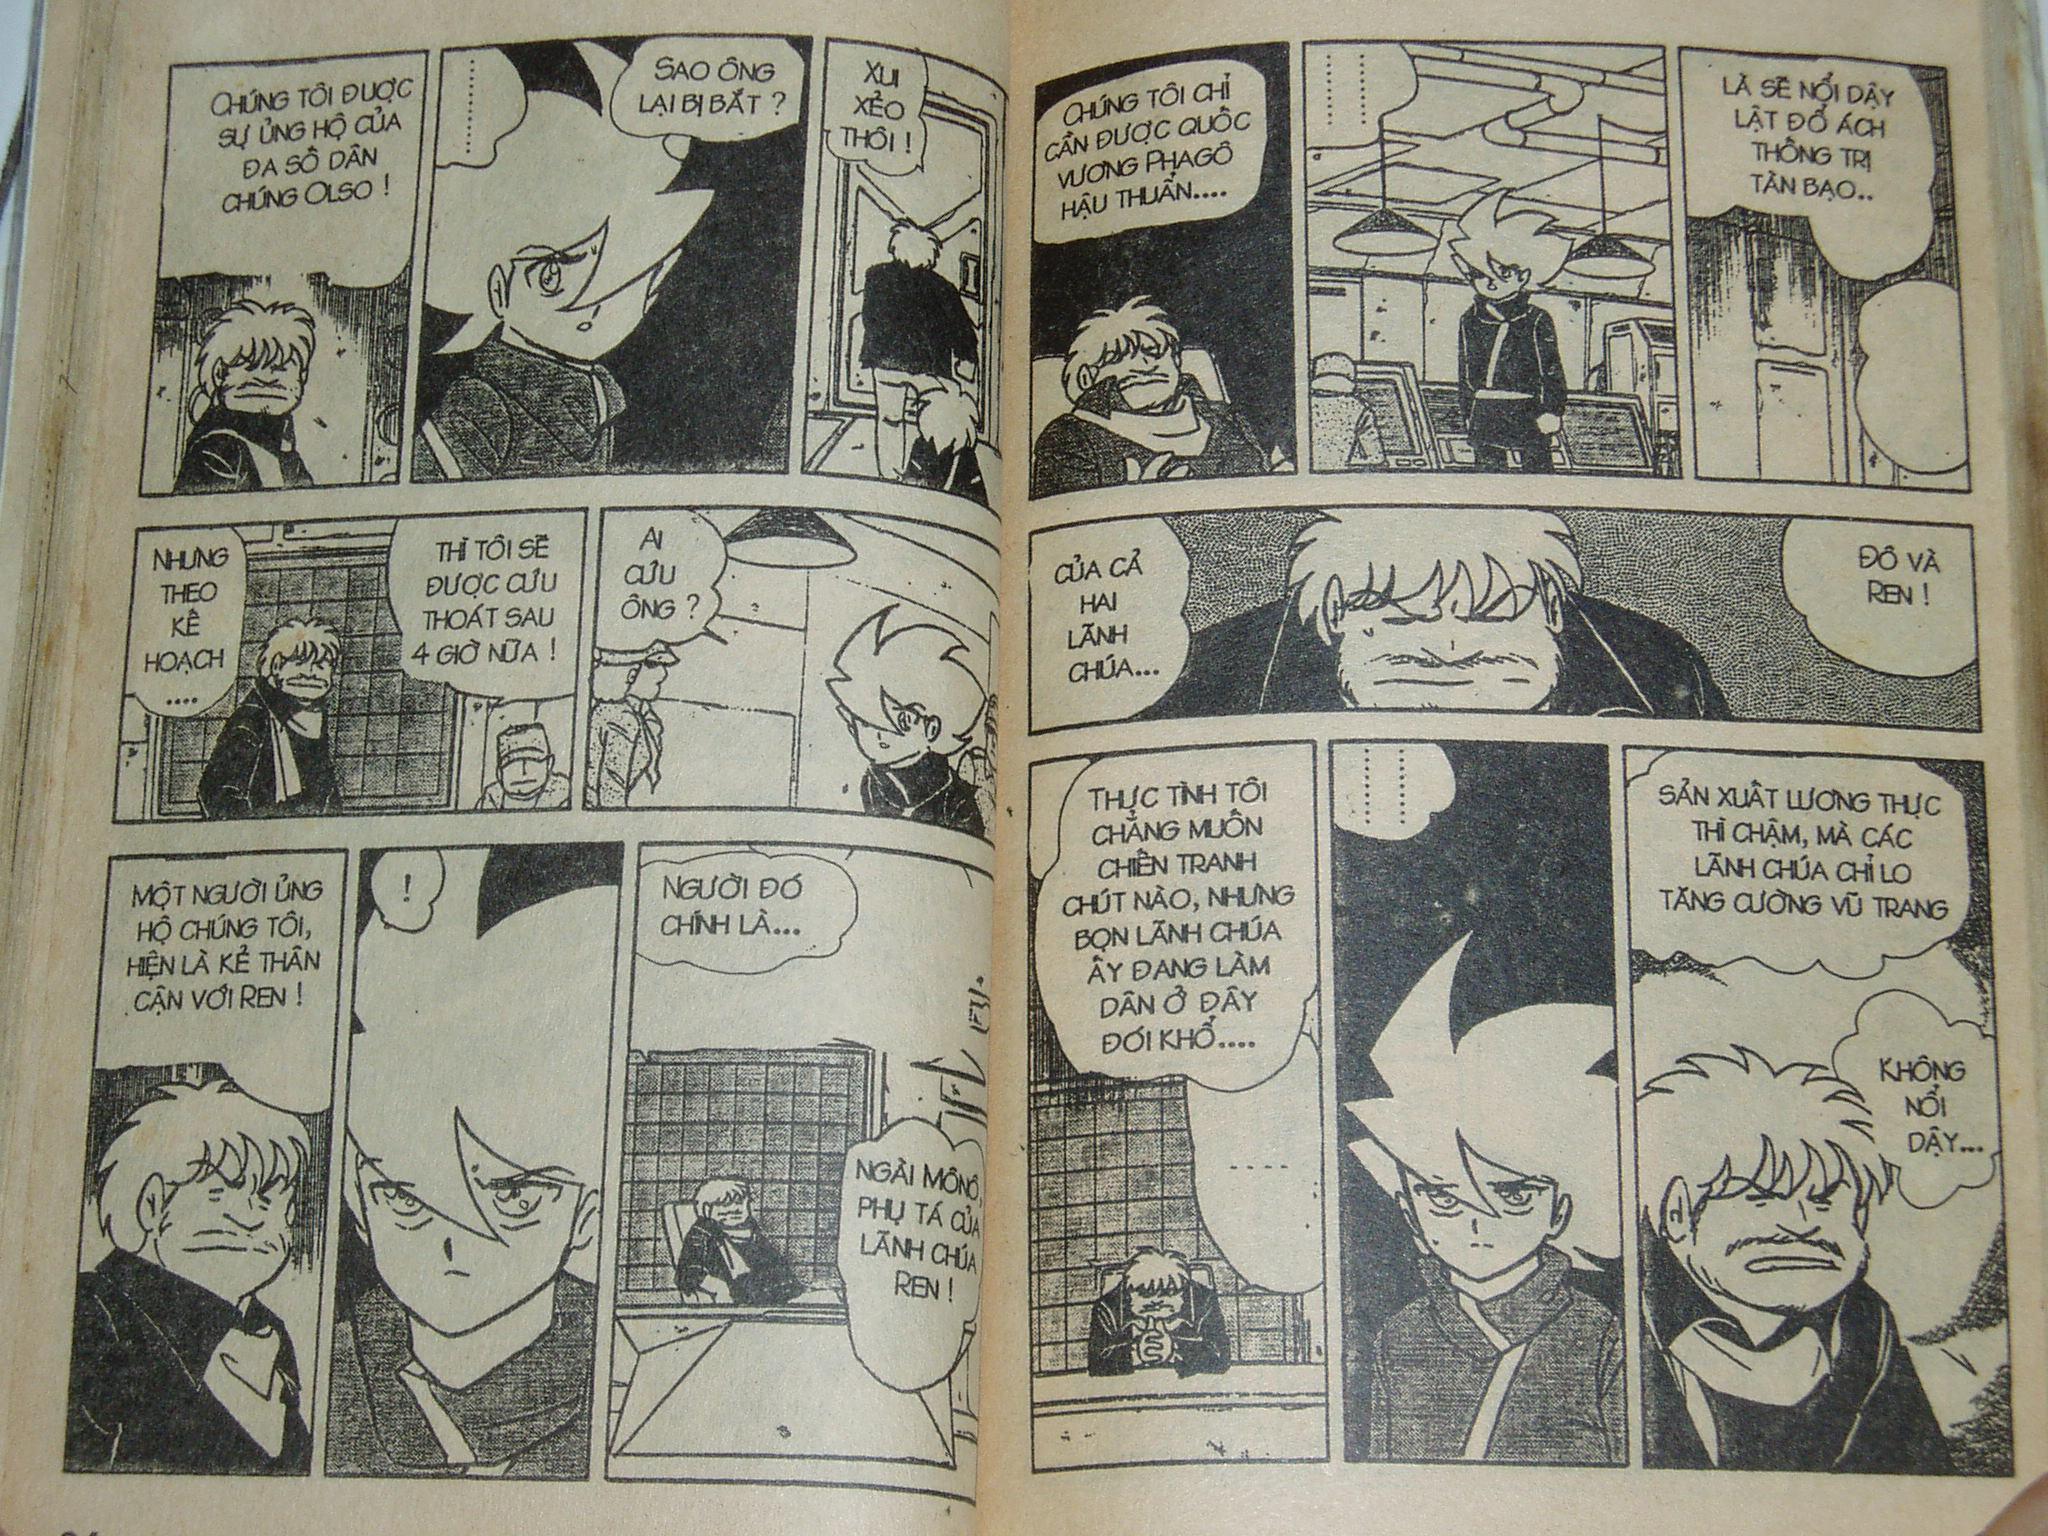 Siêu nhân Locke vol 18 trang 31